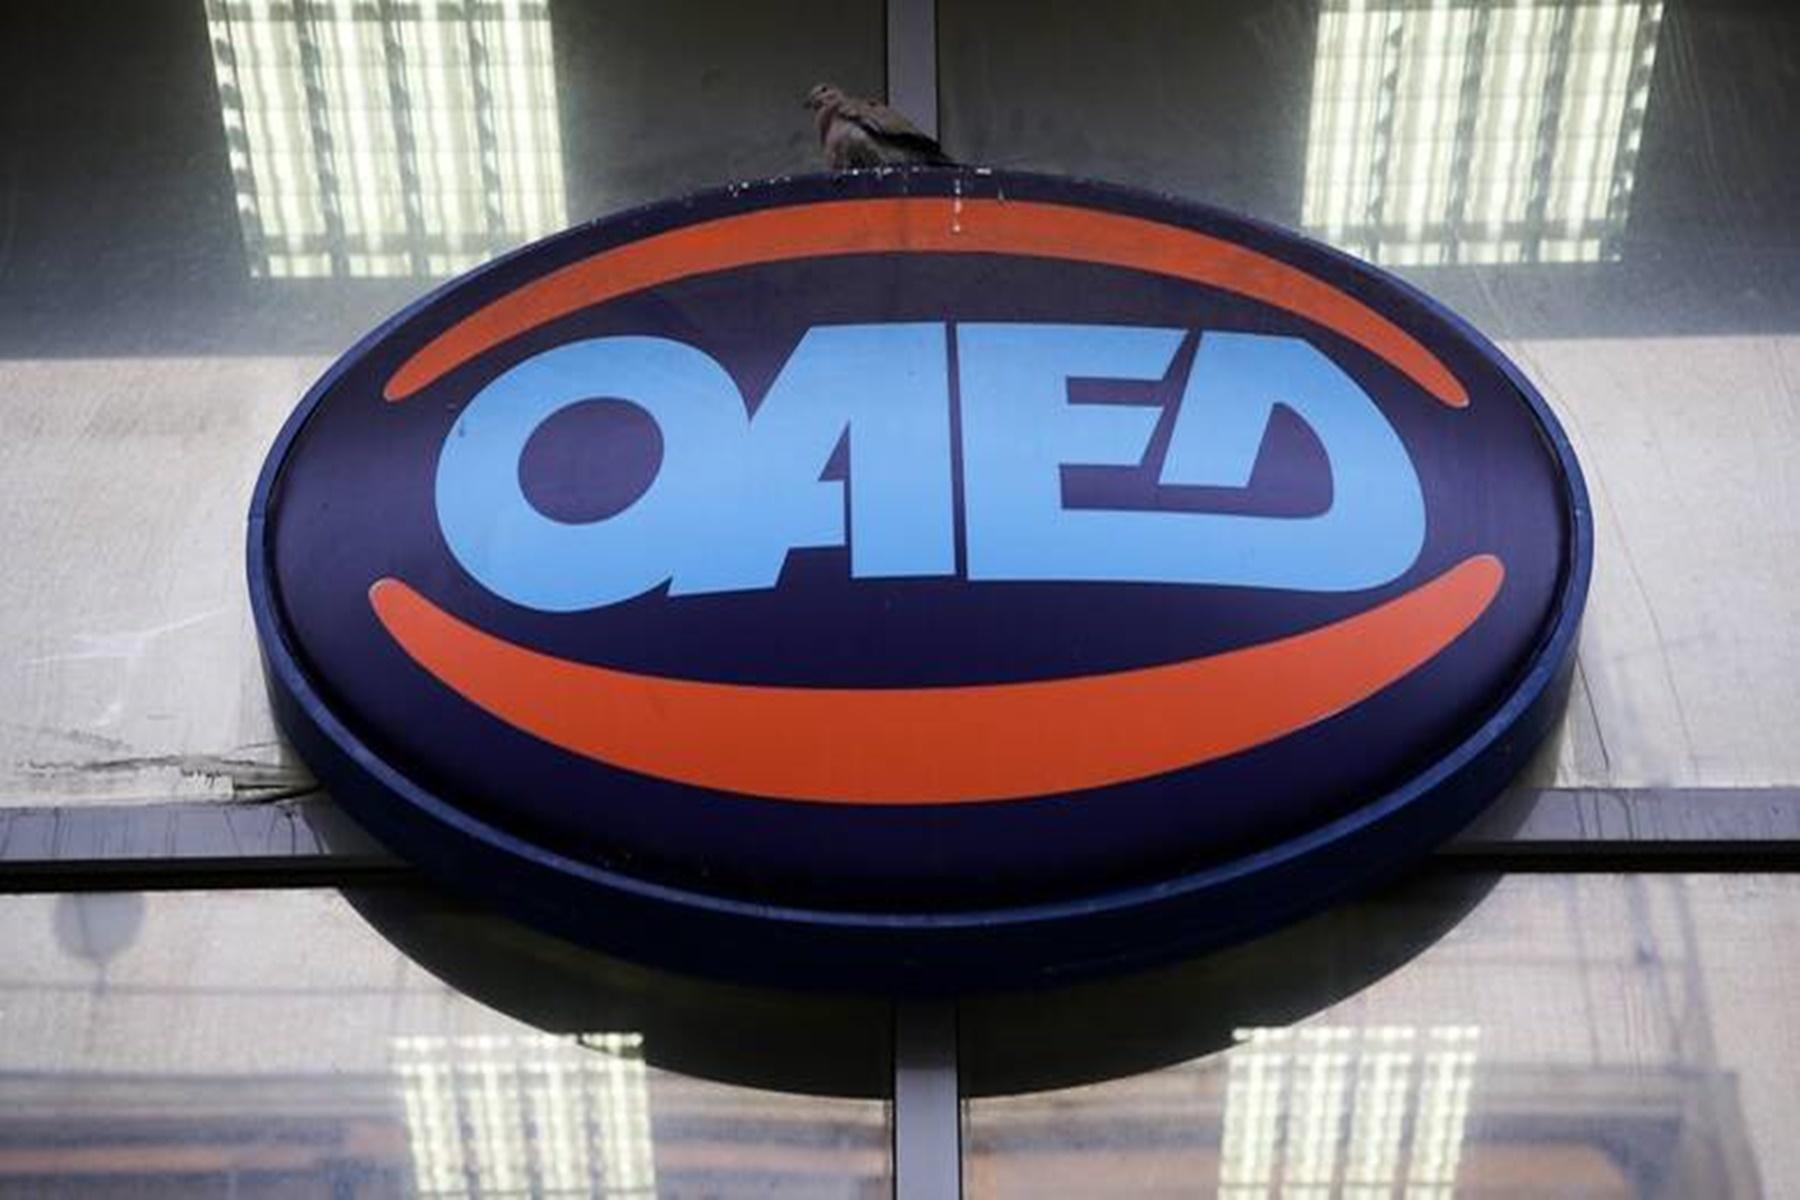 ΟΑΕΔ : Έναρξη αιτήσεων προγράμματος επιχειρηματικότητας